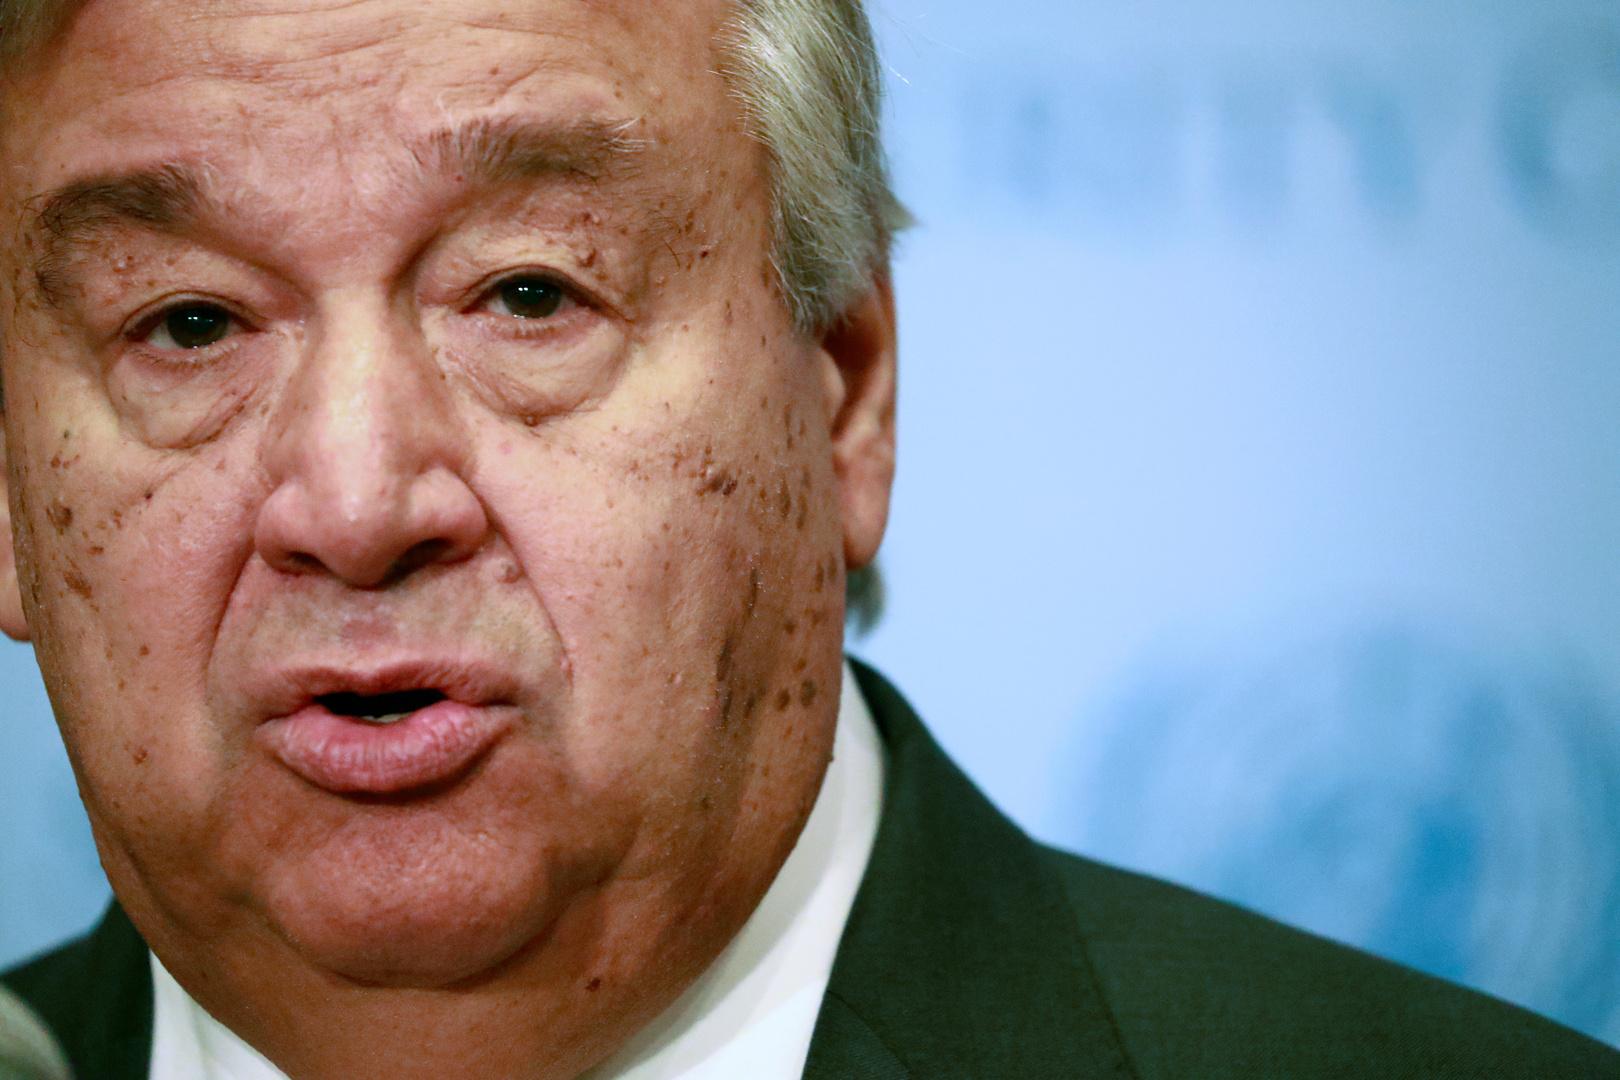 غوتيريش يدعو زعماء G20 إلى رفع العقوبات التي تعرقل محاربة كورونا